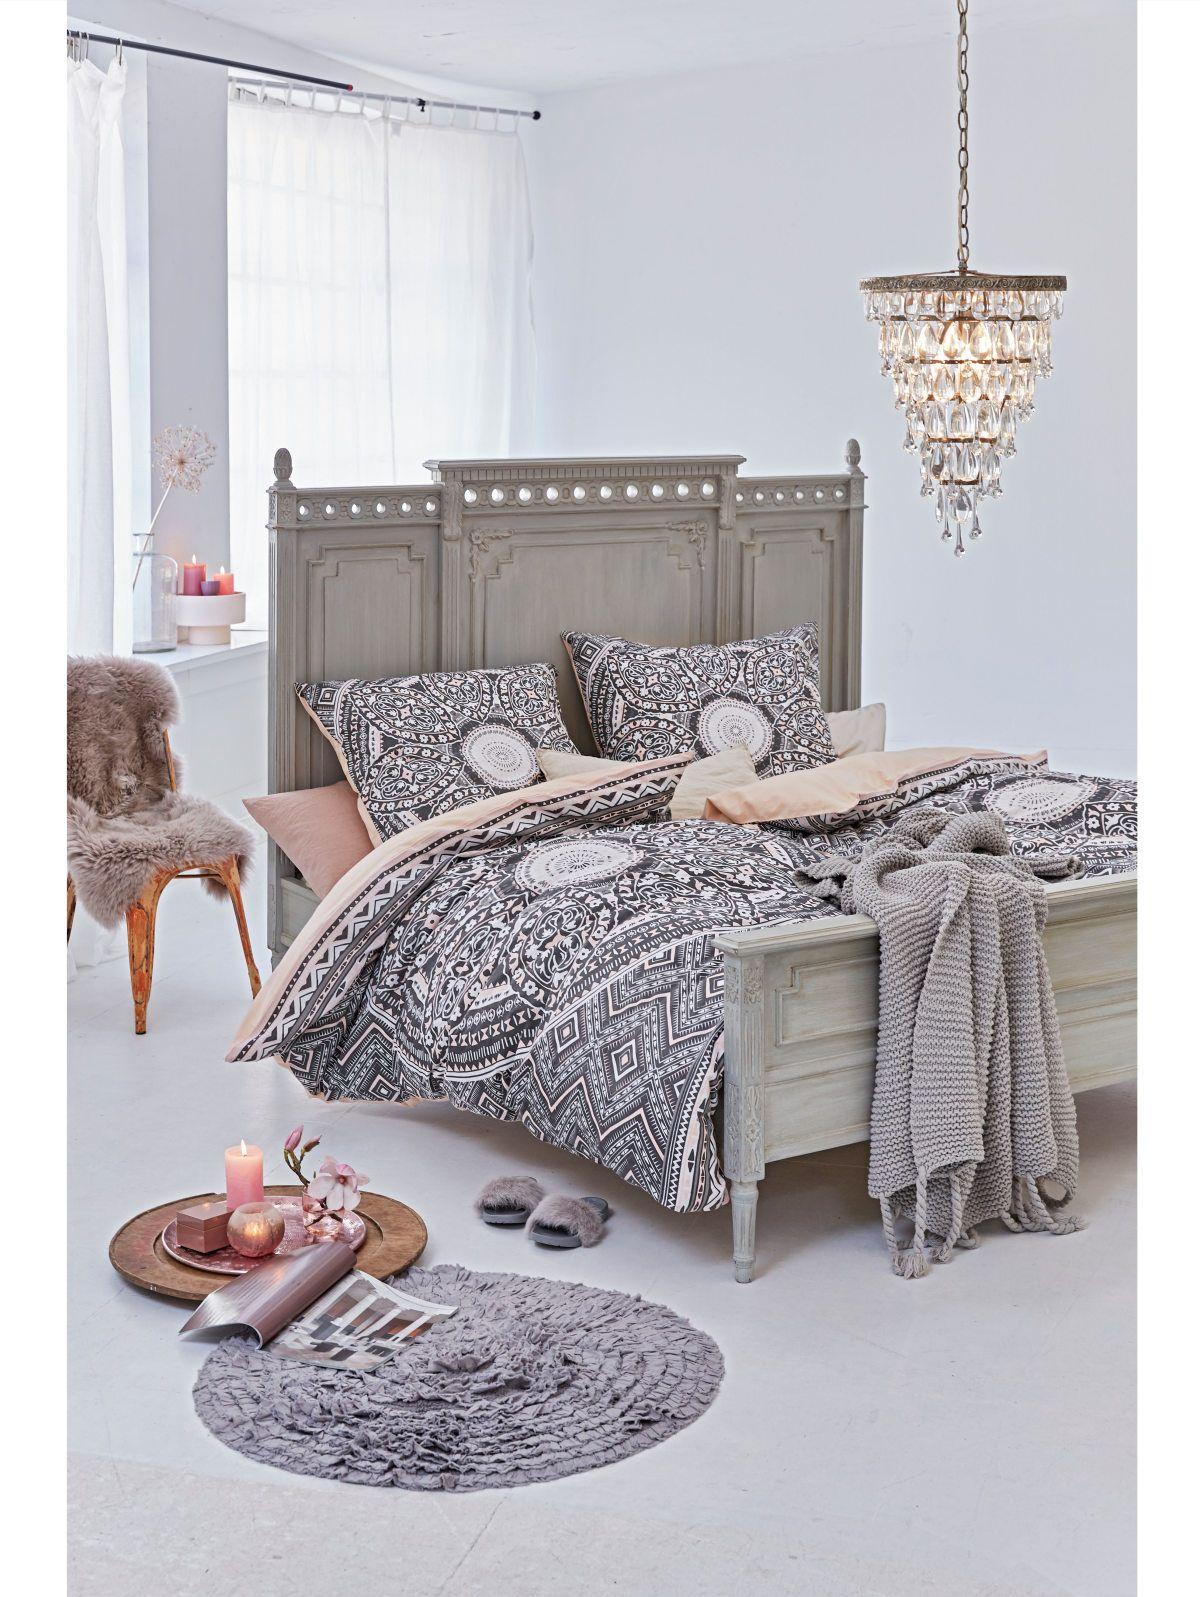 Bett grau Vintage Look Schlafzimmer einrichten ideen